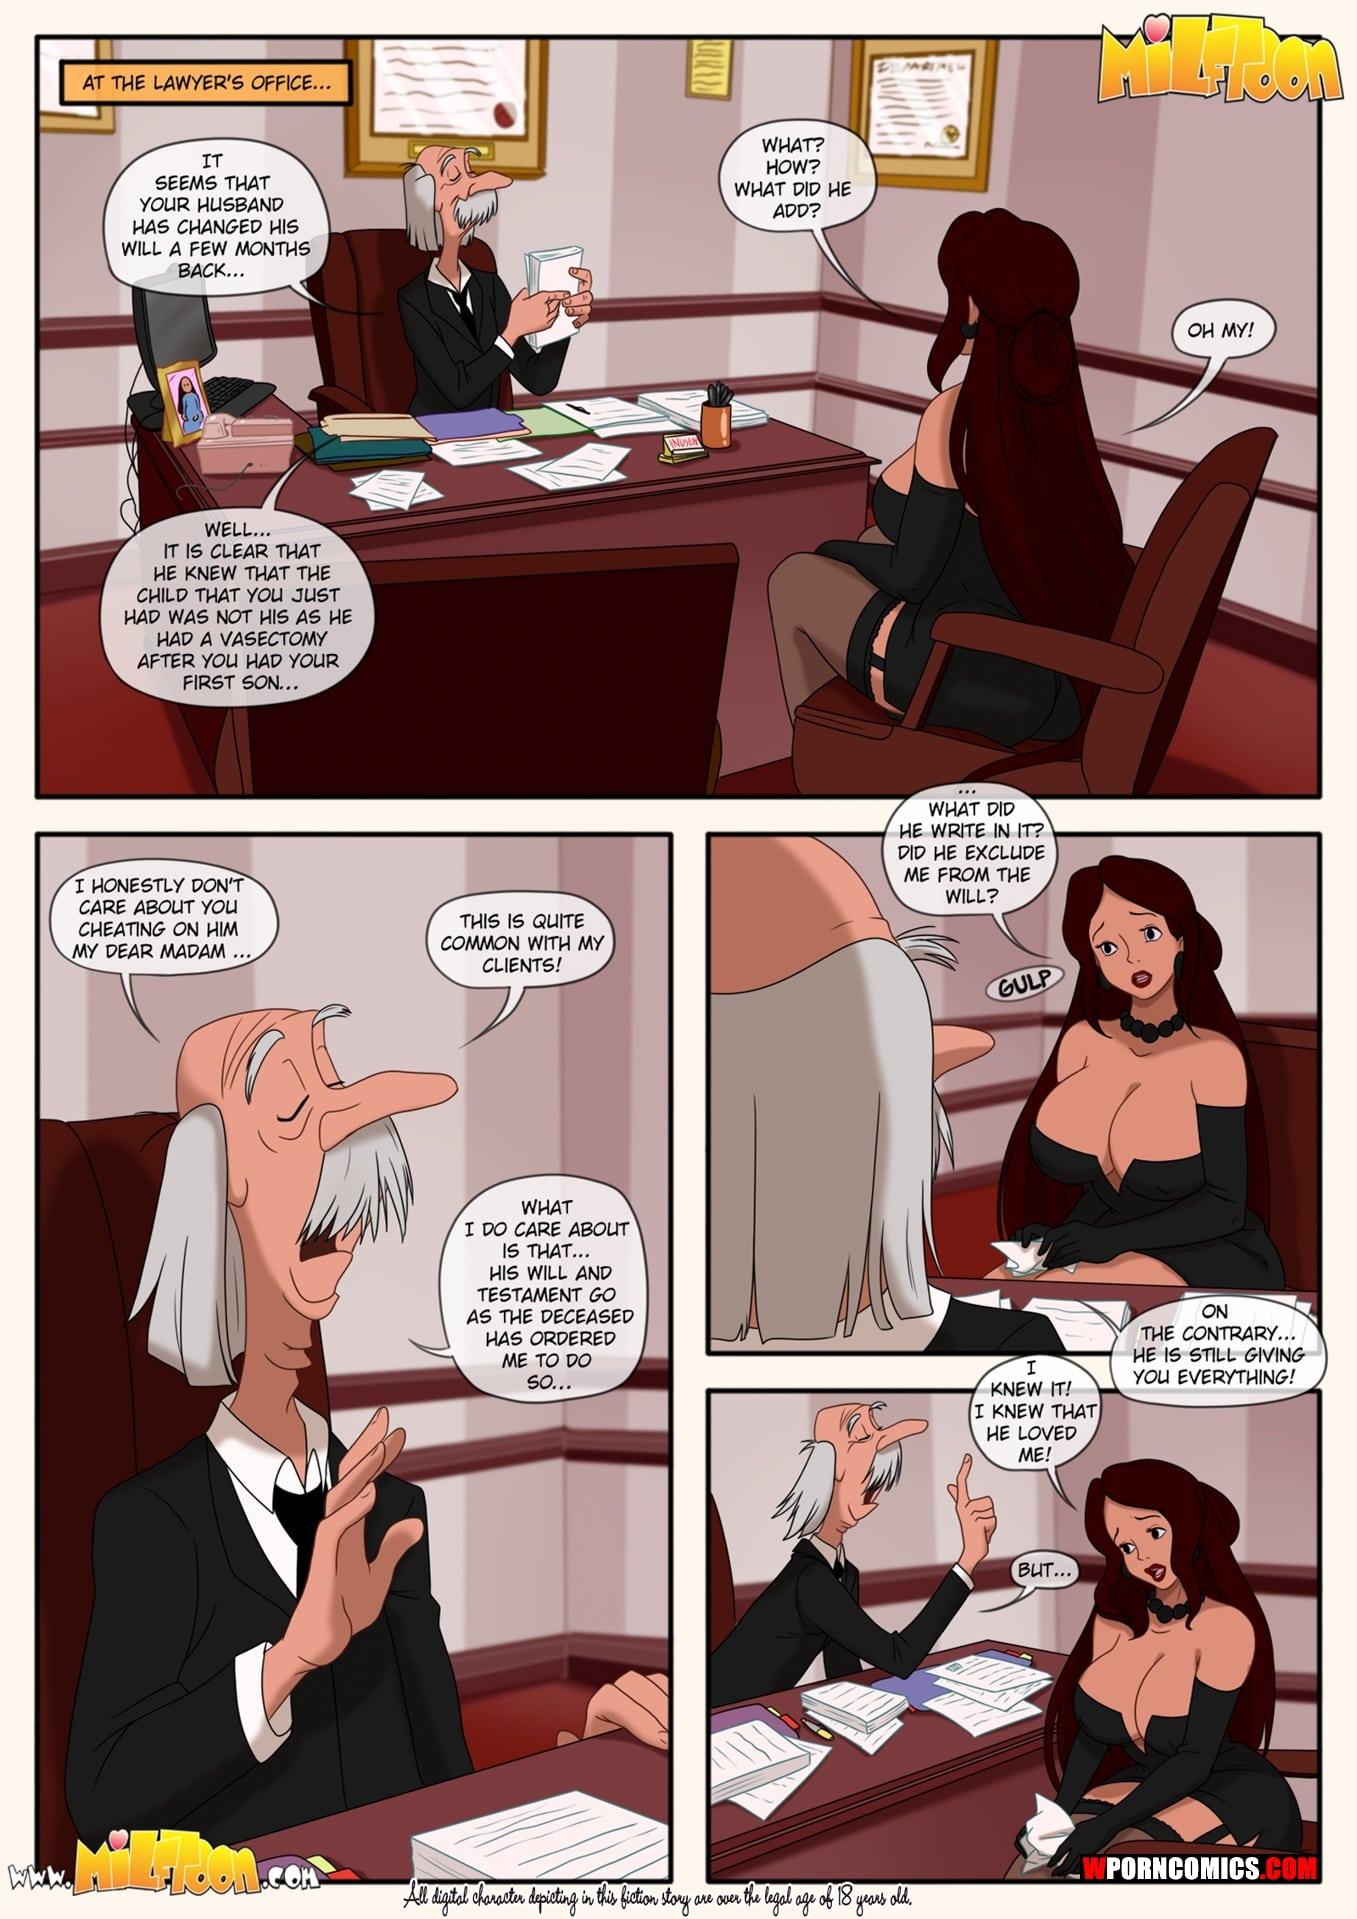 porn-comic-arranged-marriage-part-4-2020-03-03/porn-comic-arranged-marriage-part-4-2020-03-03-13417.jpg